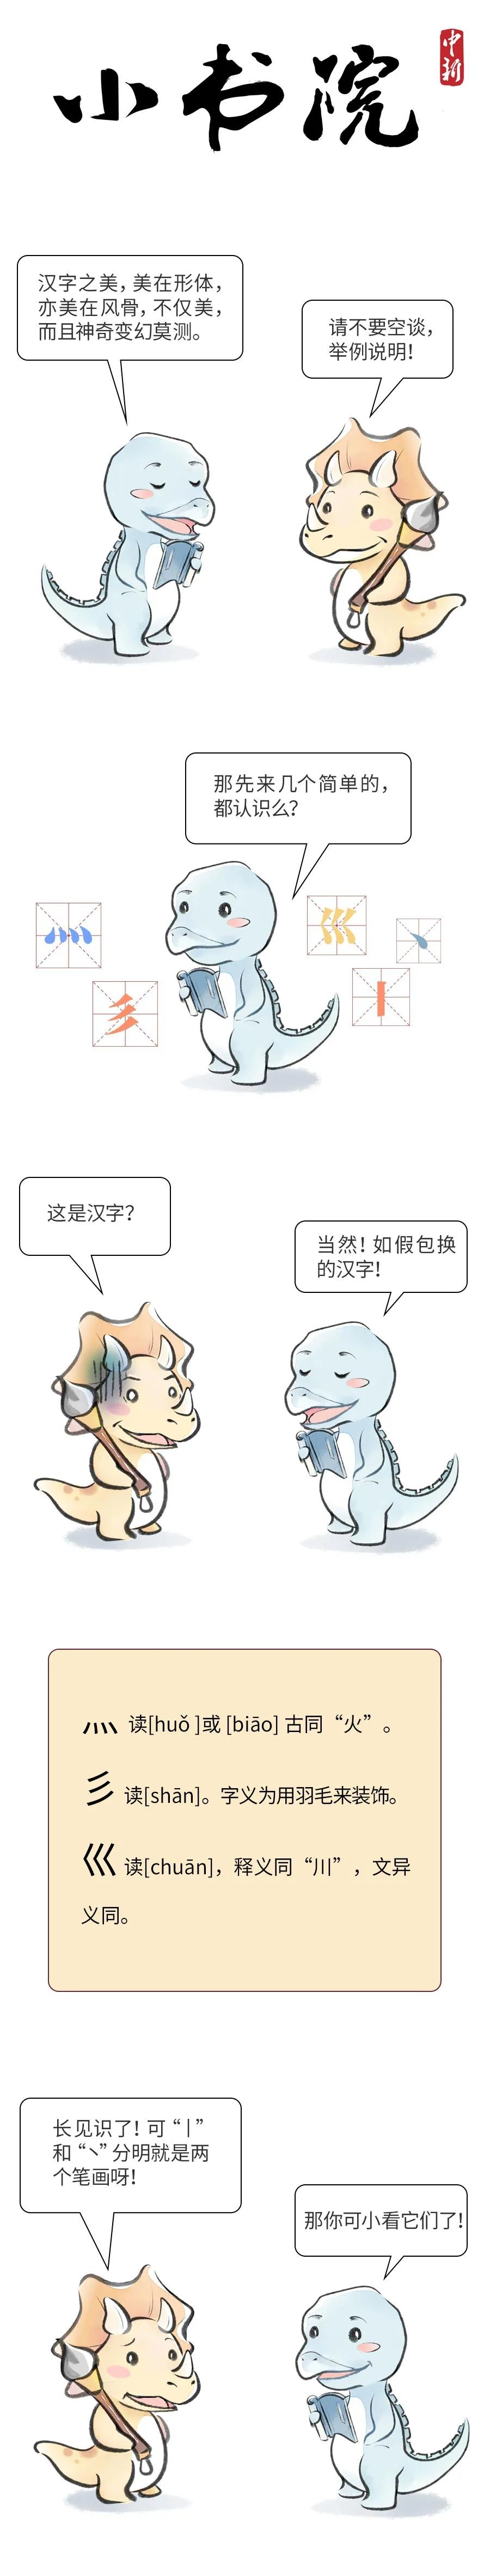 小书院|这些汉字你都认识吗?